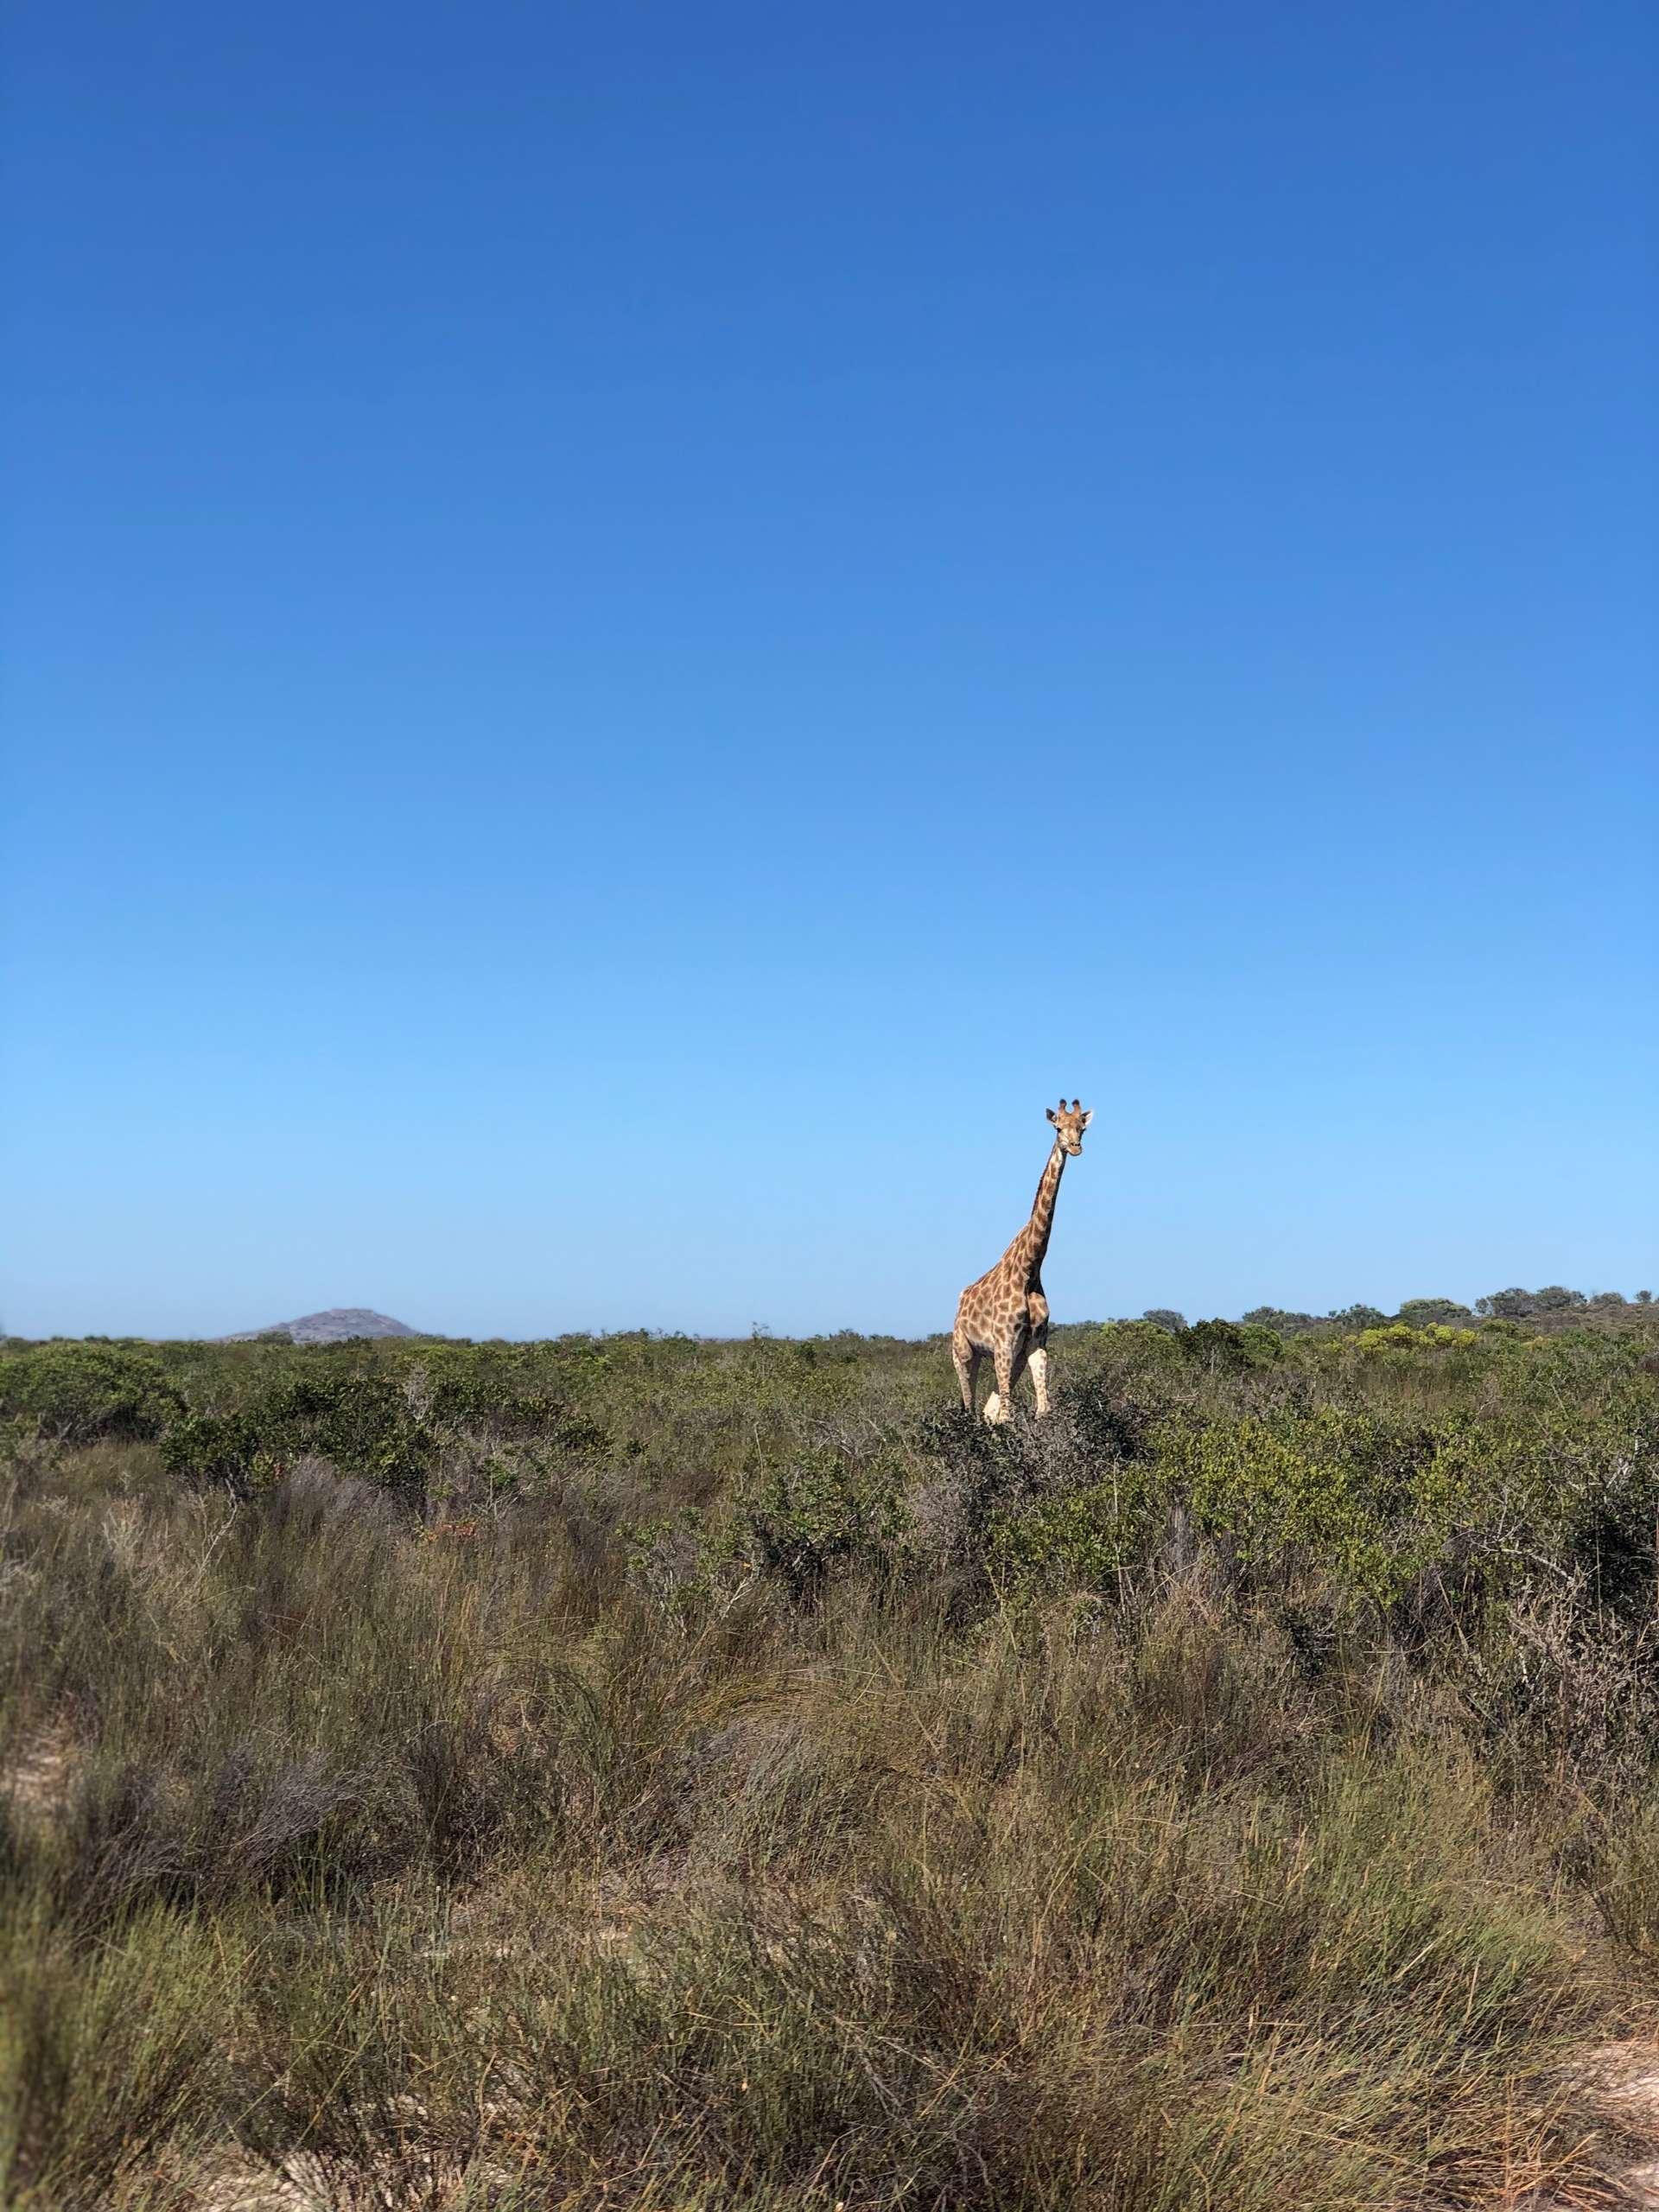 Zuid-Afrika, Kaapstad, giraffe